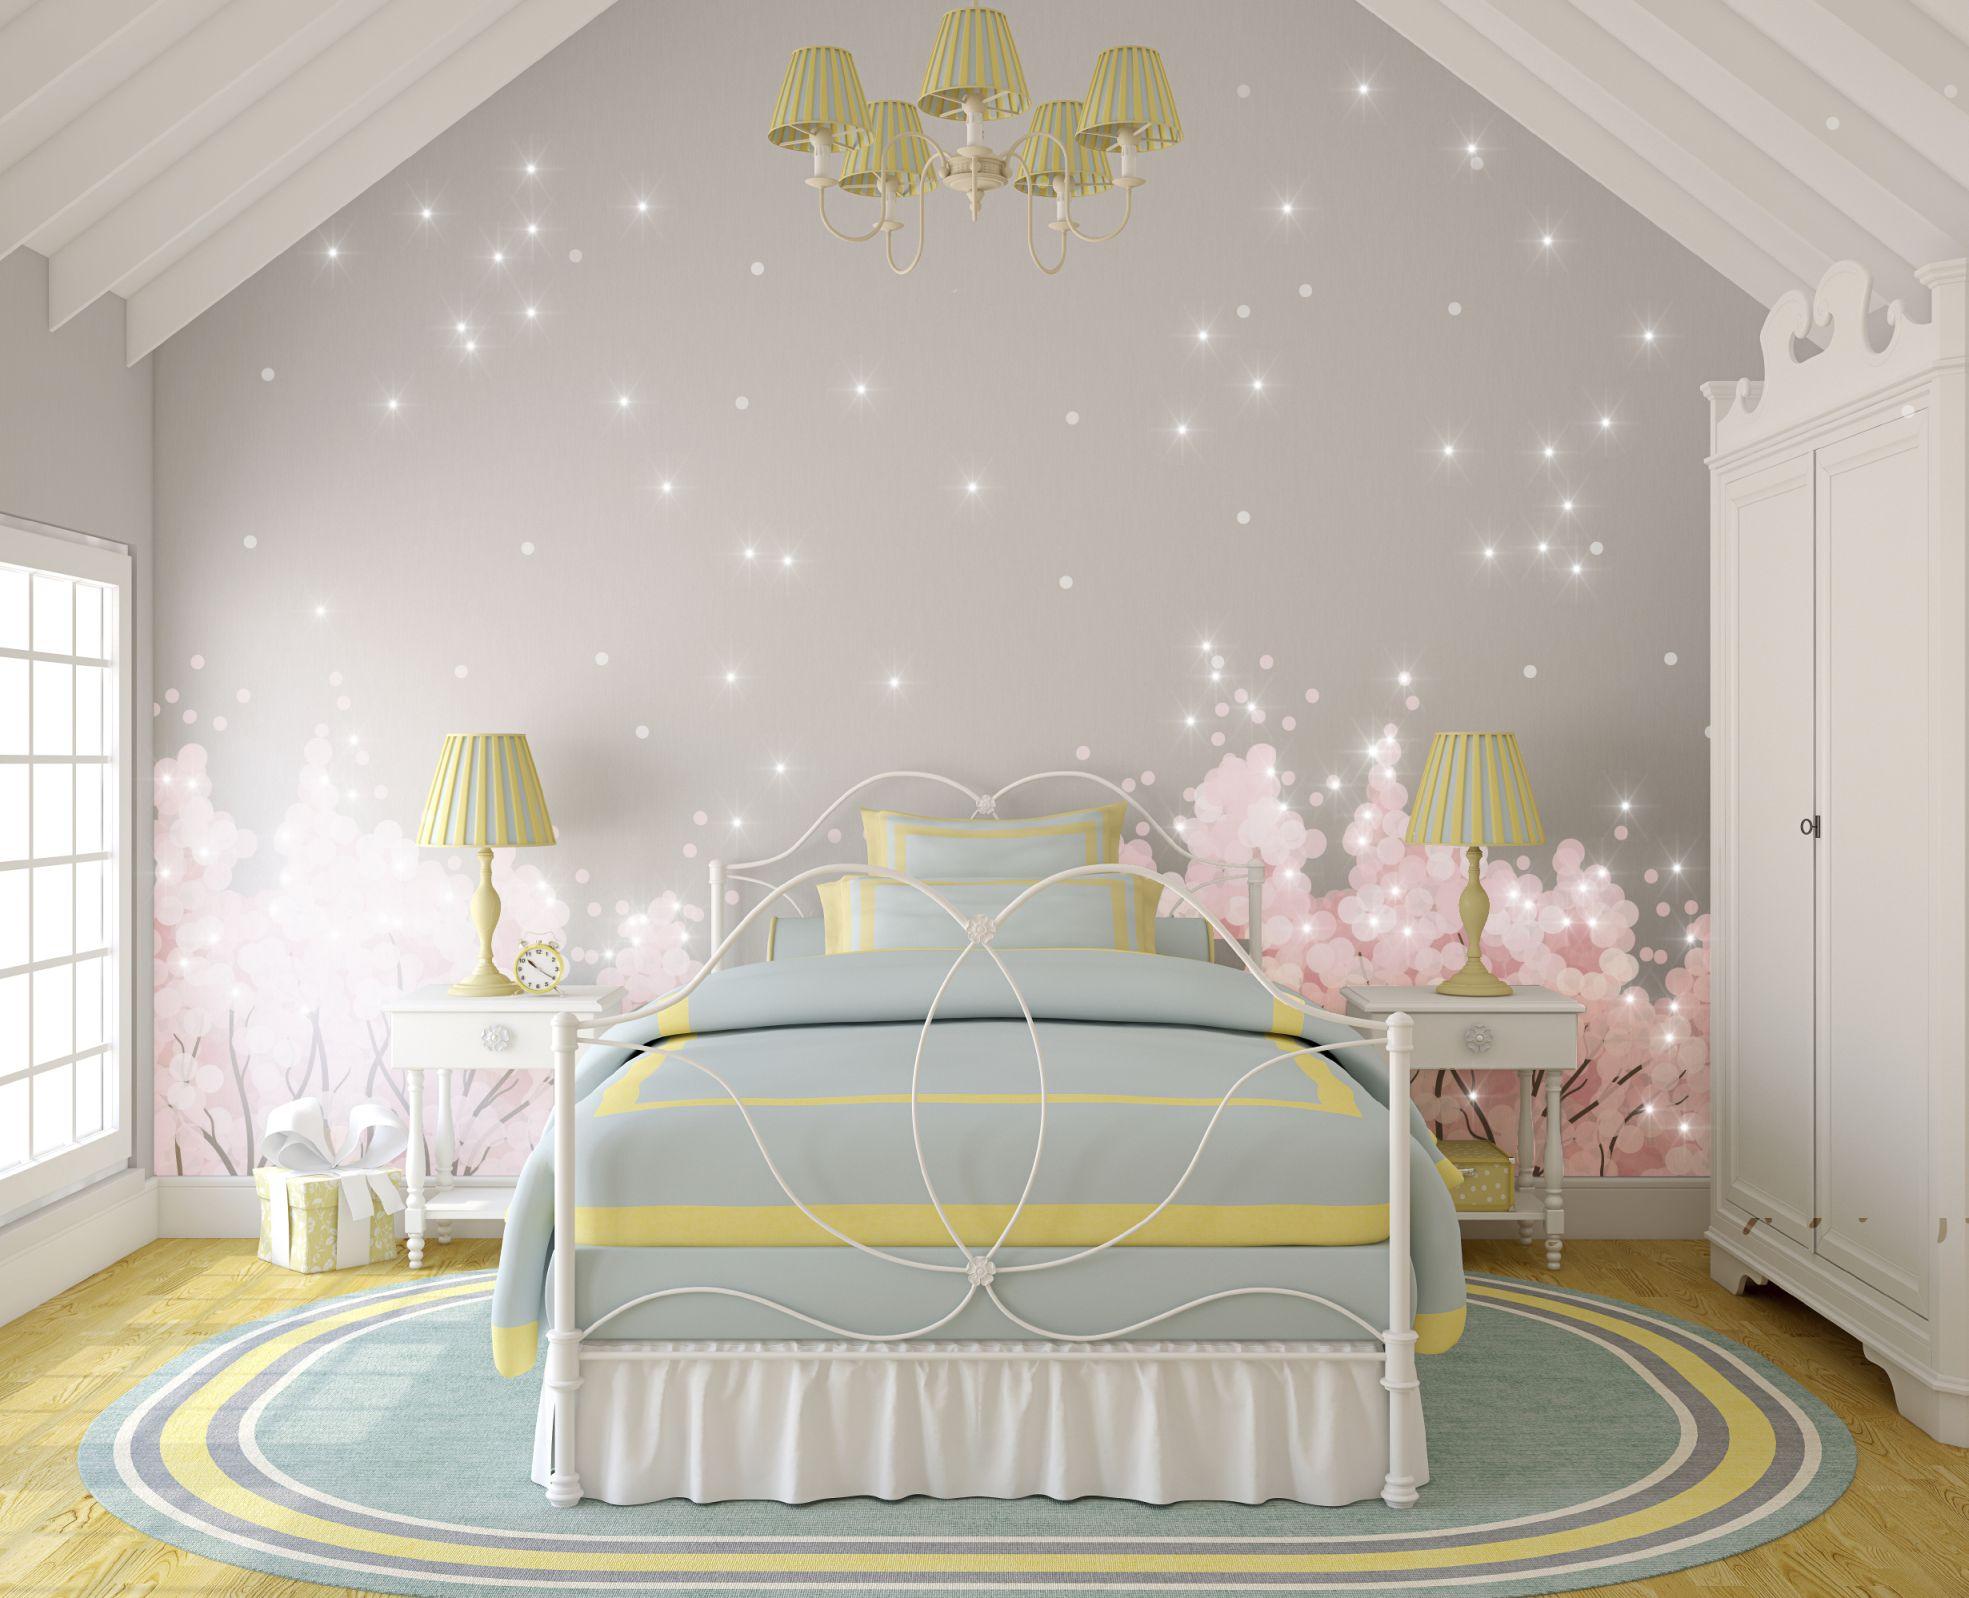 Gro led himmel kinderzimmer ideen die designideen f r for Kinderzimmer himmel